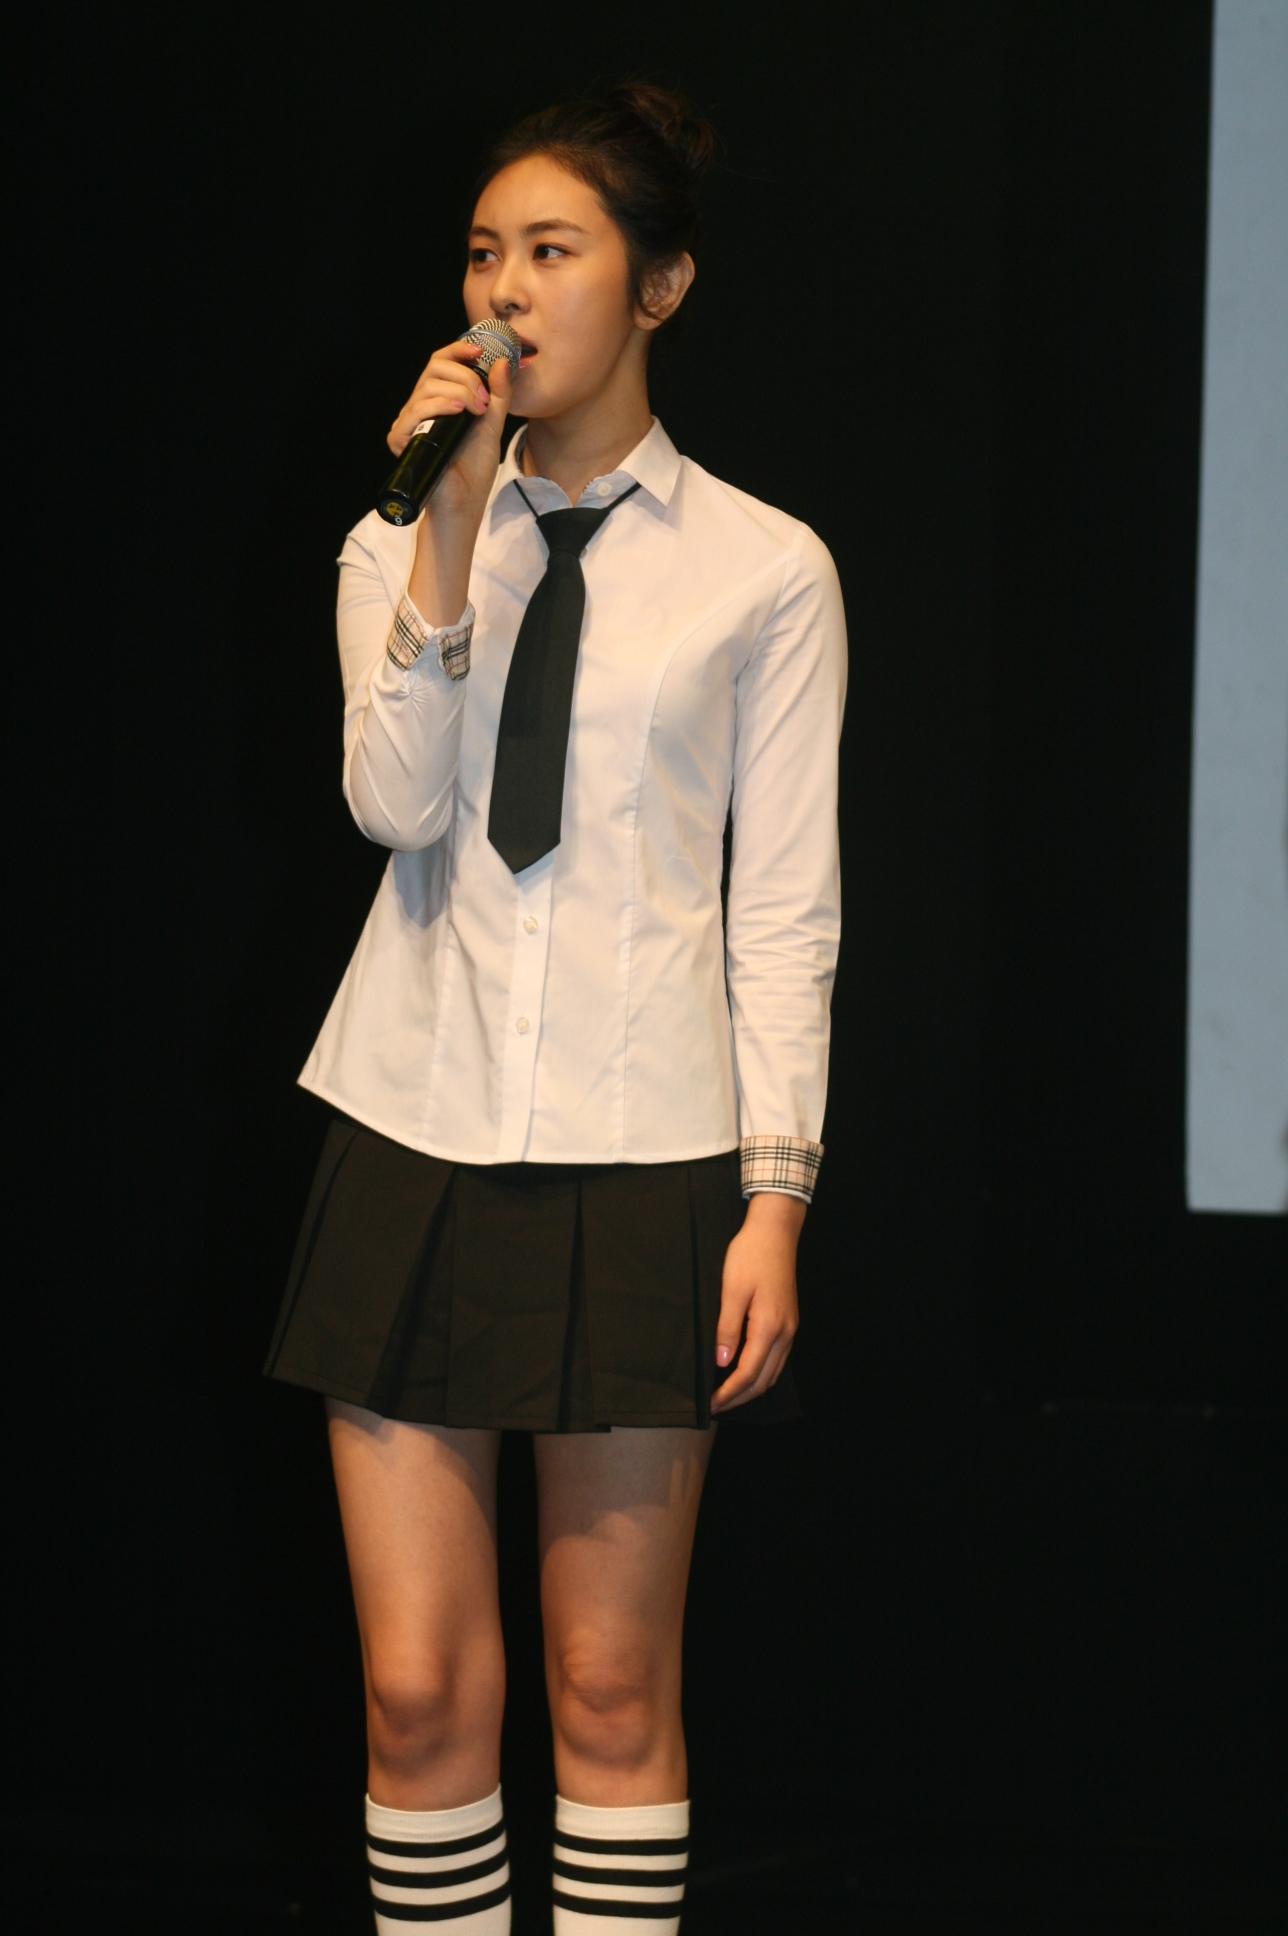 Seo eun seo dating service